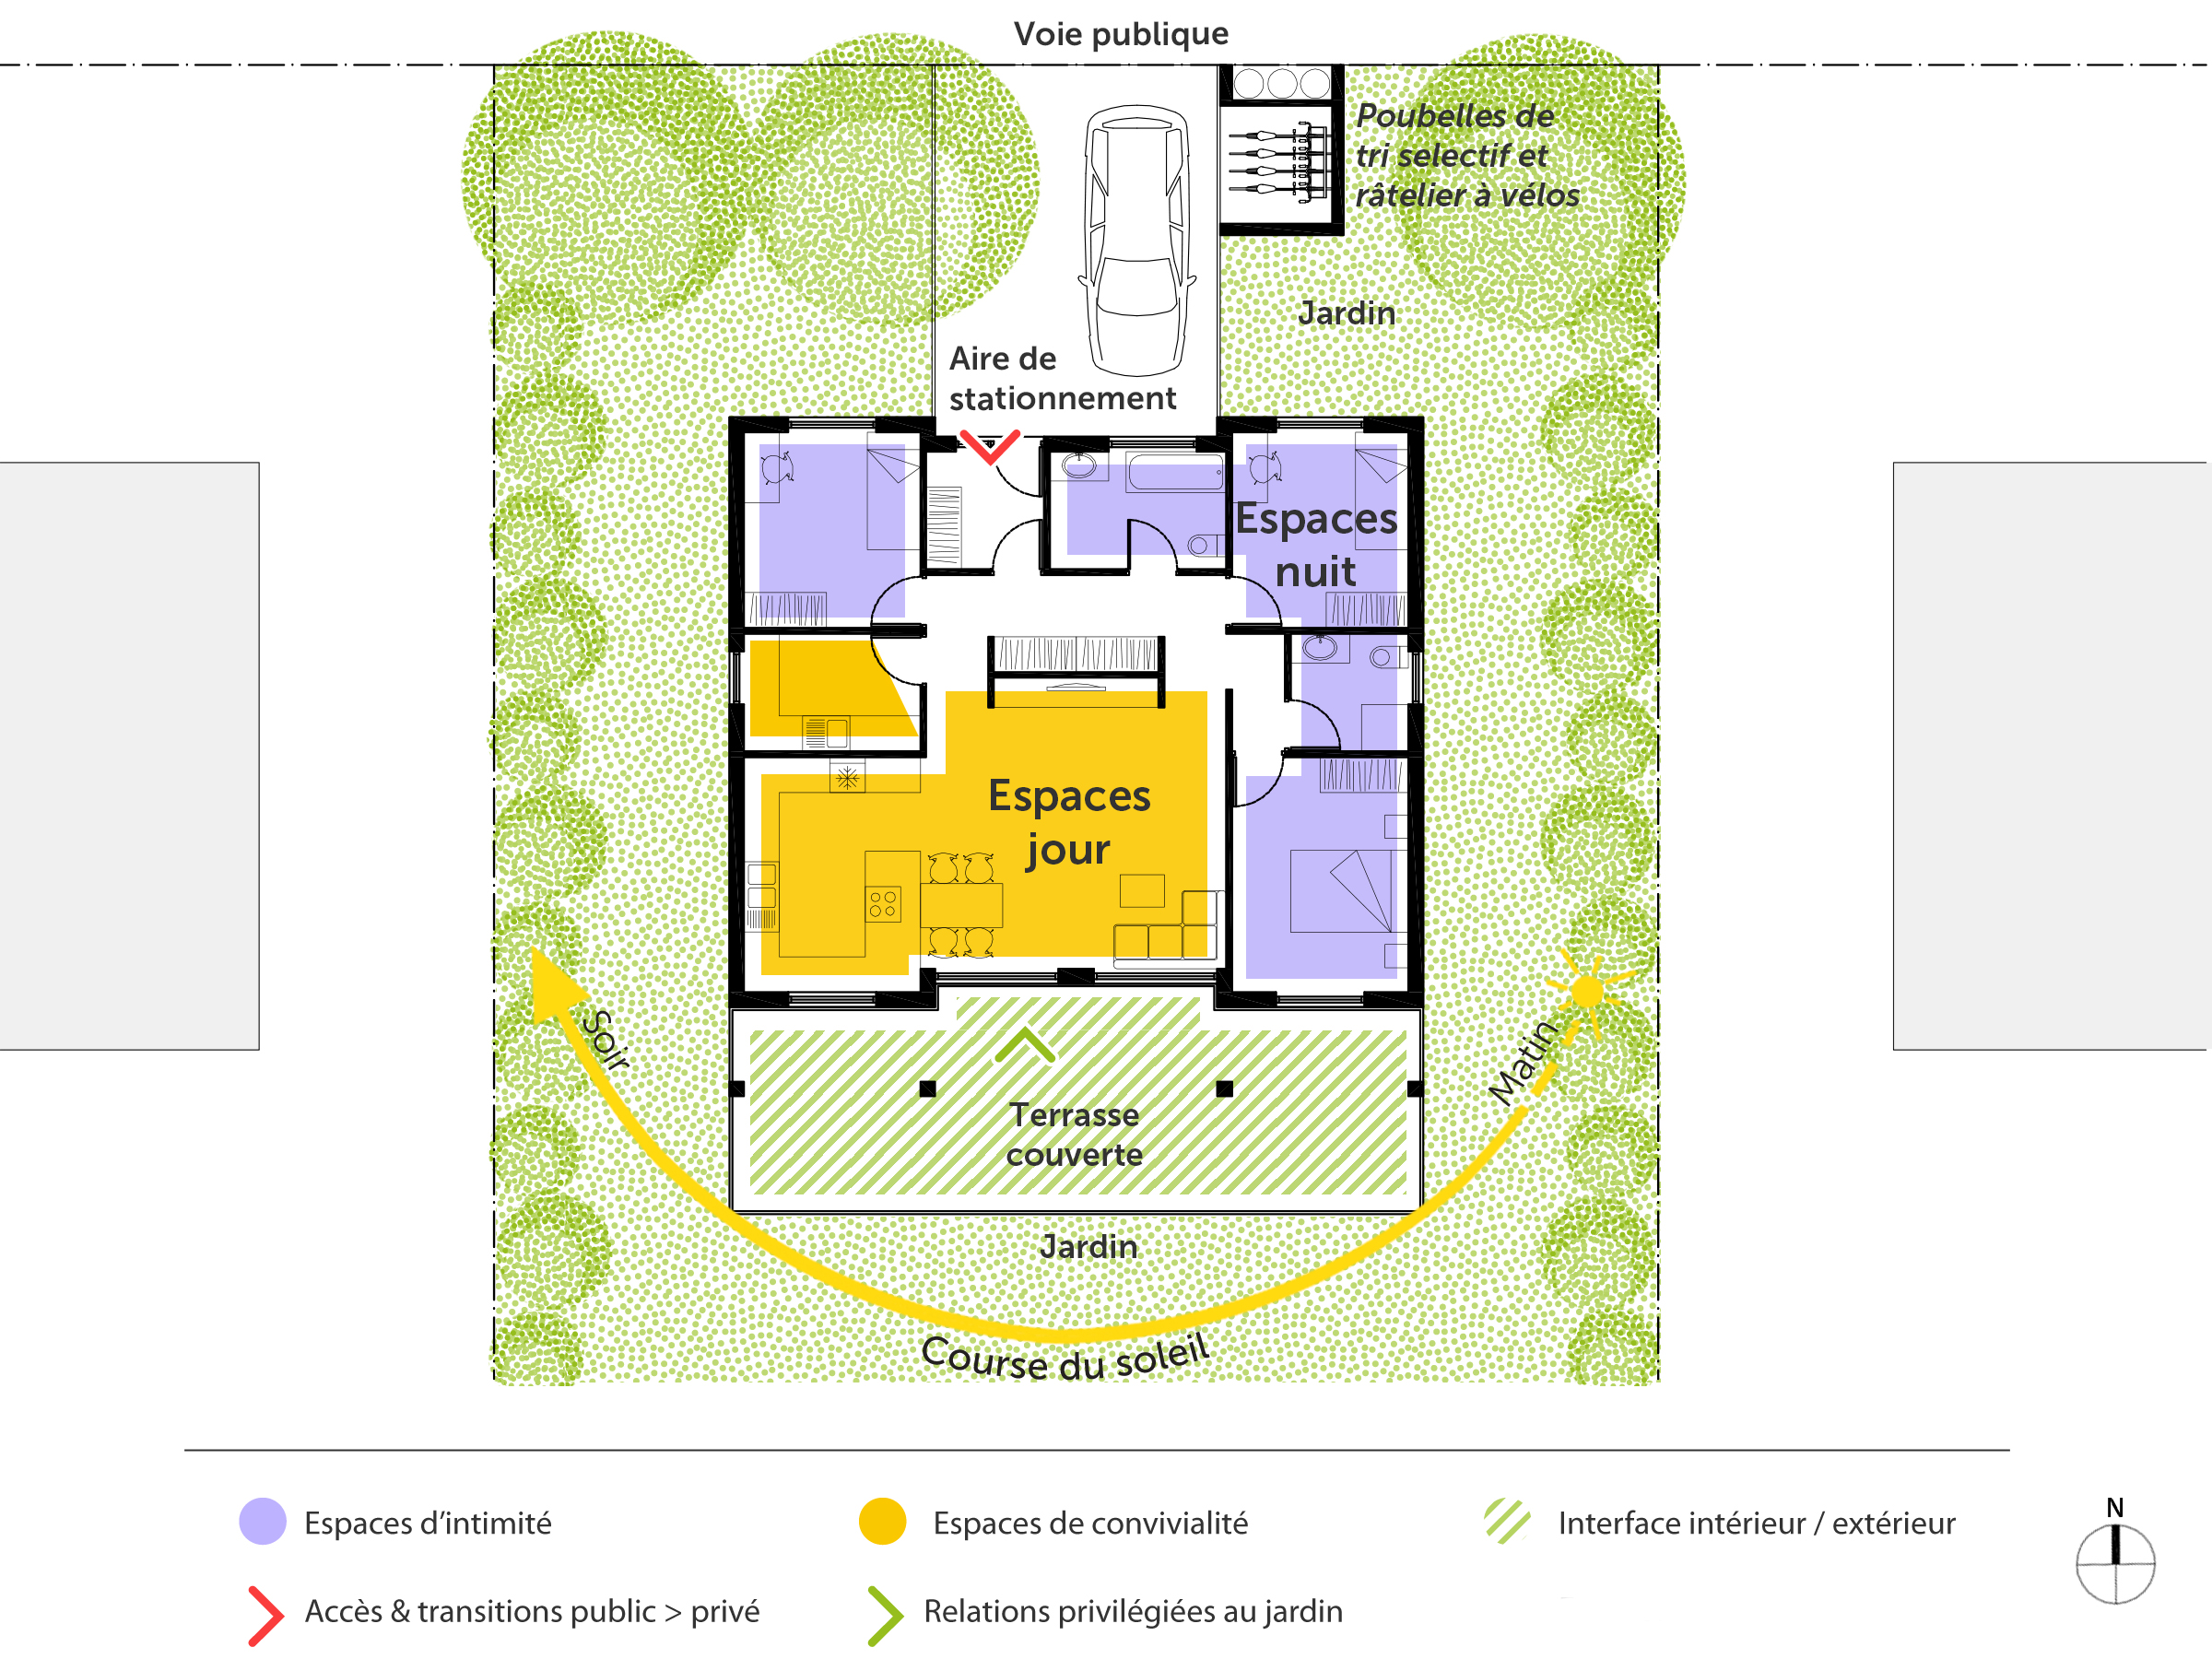 Plan maison cr ole ooreka for Plan maison interieur